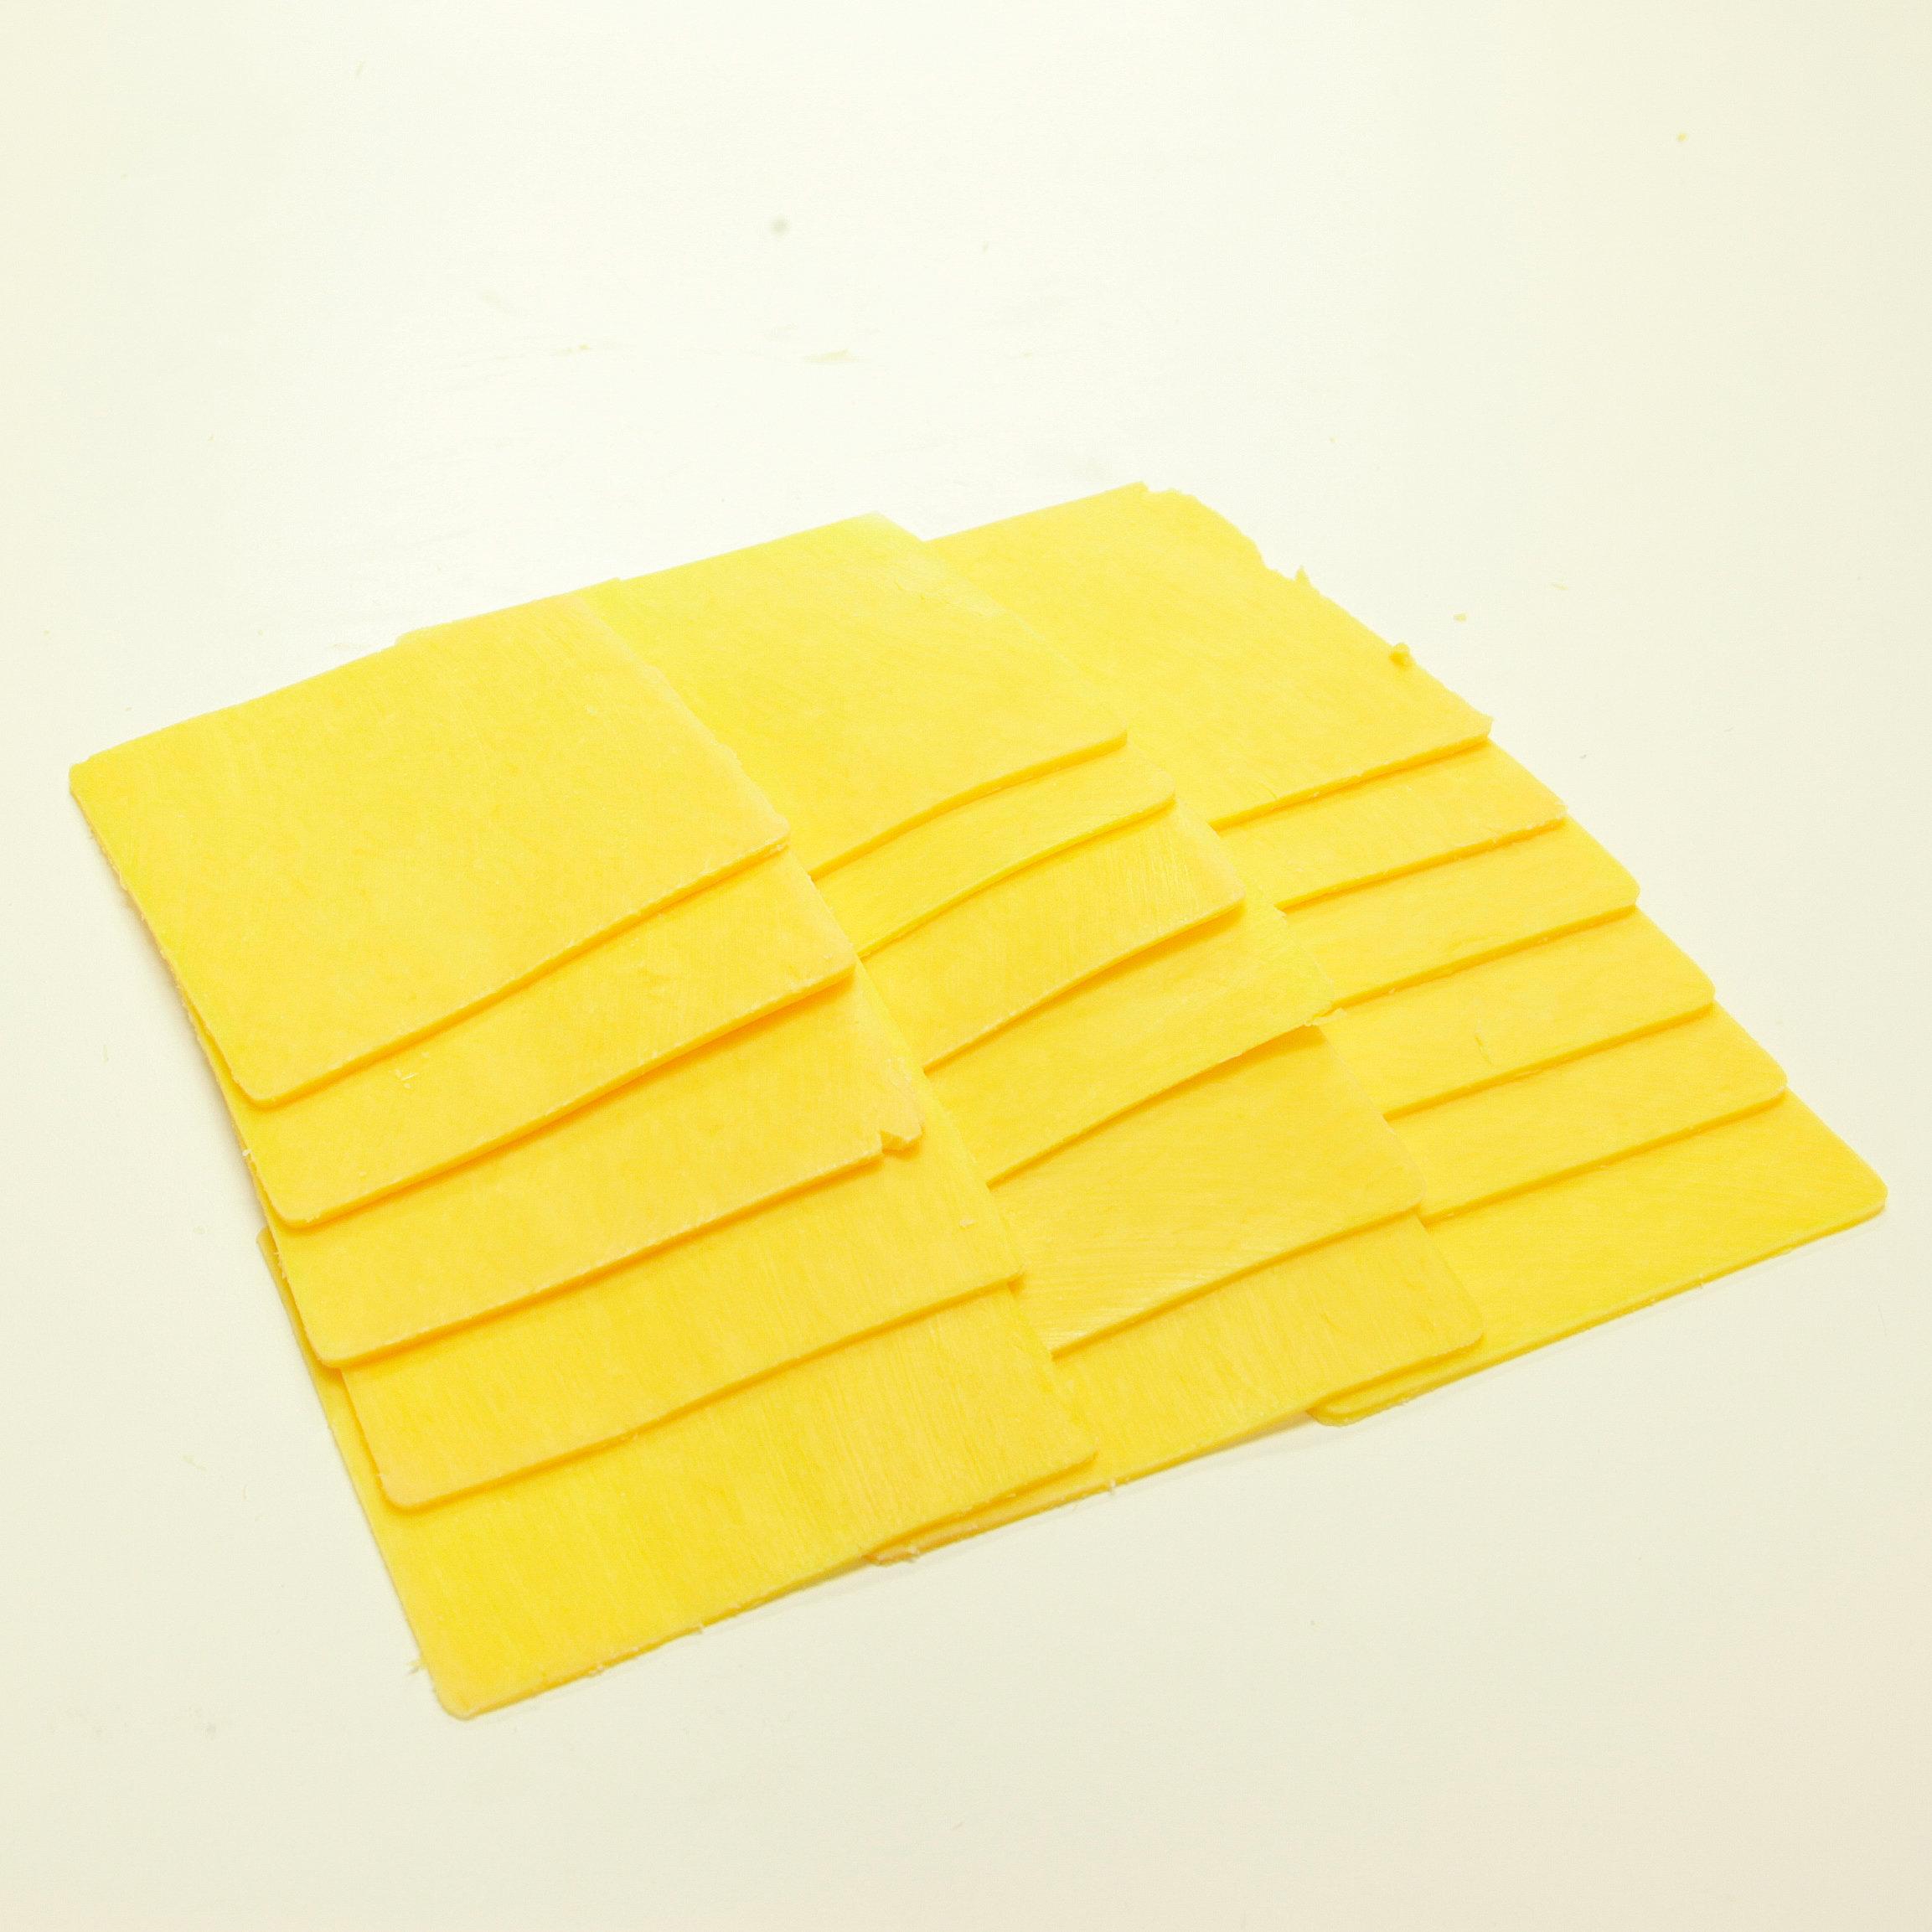 Cheddar Cheese, 1 lb. 00130